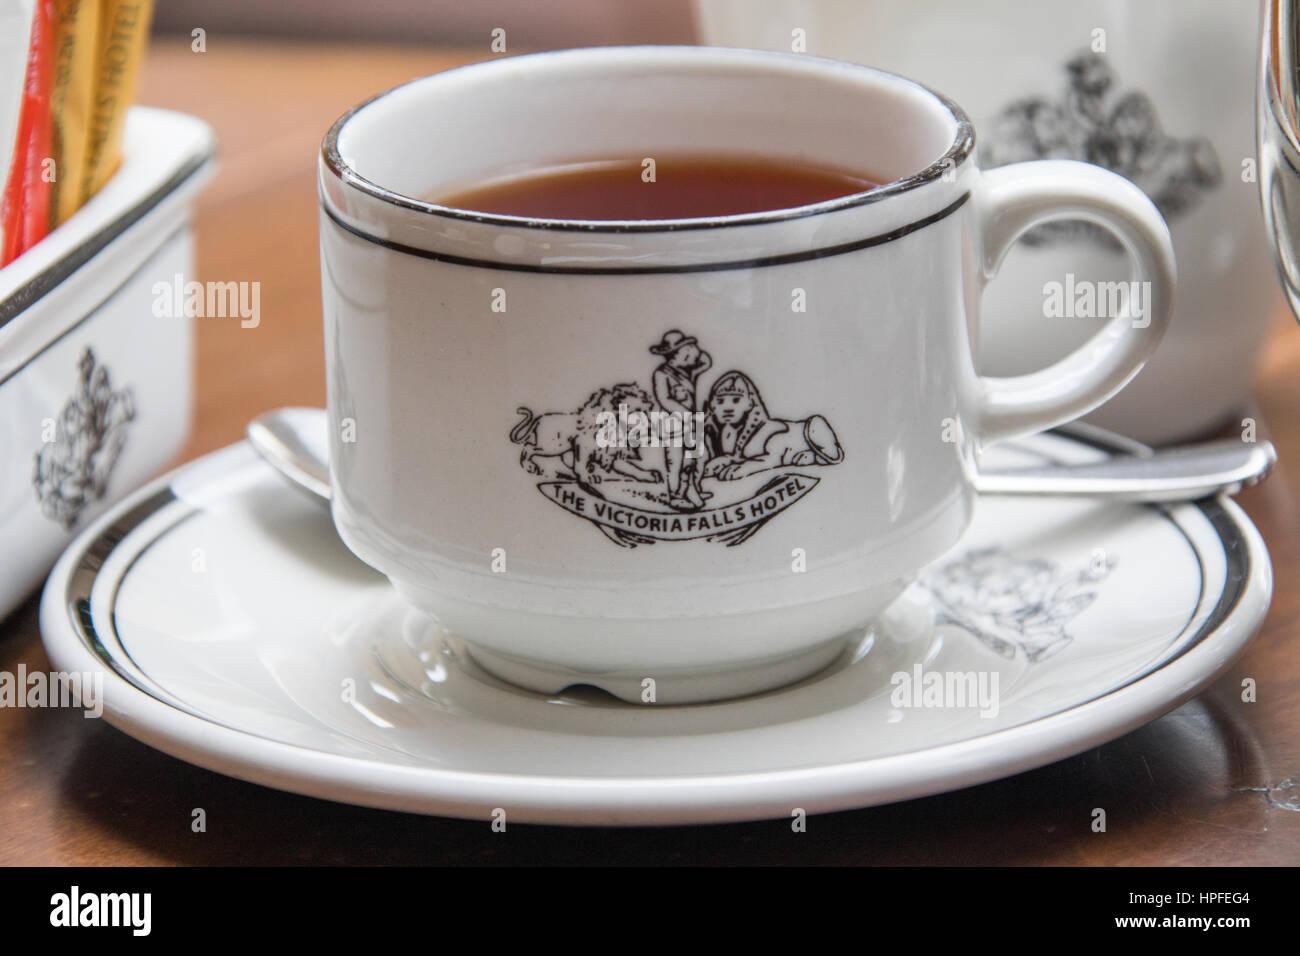 Service à thé ou thé au Victoria Falls Hotel, Victoria Falls, Zimbabwe Photo Stock